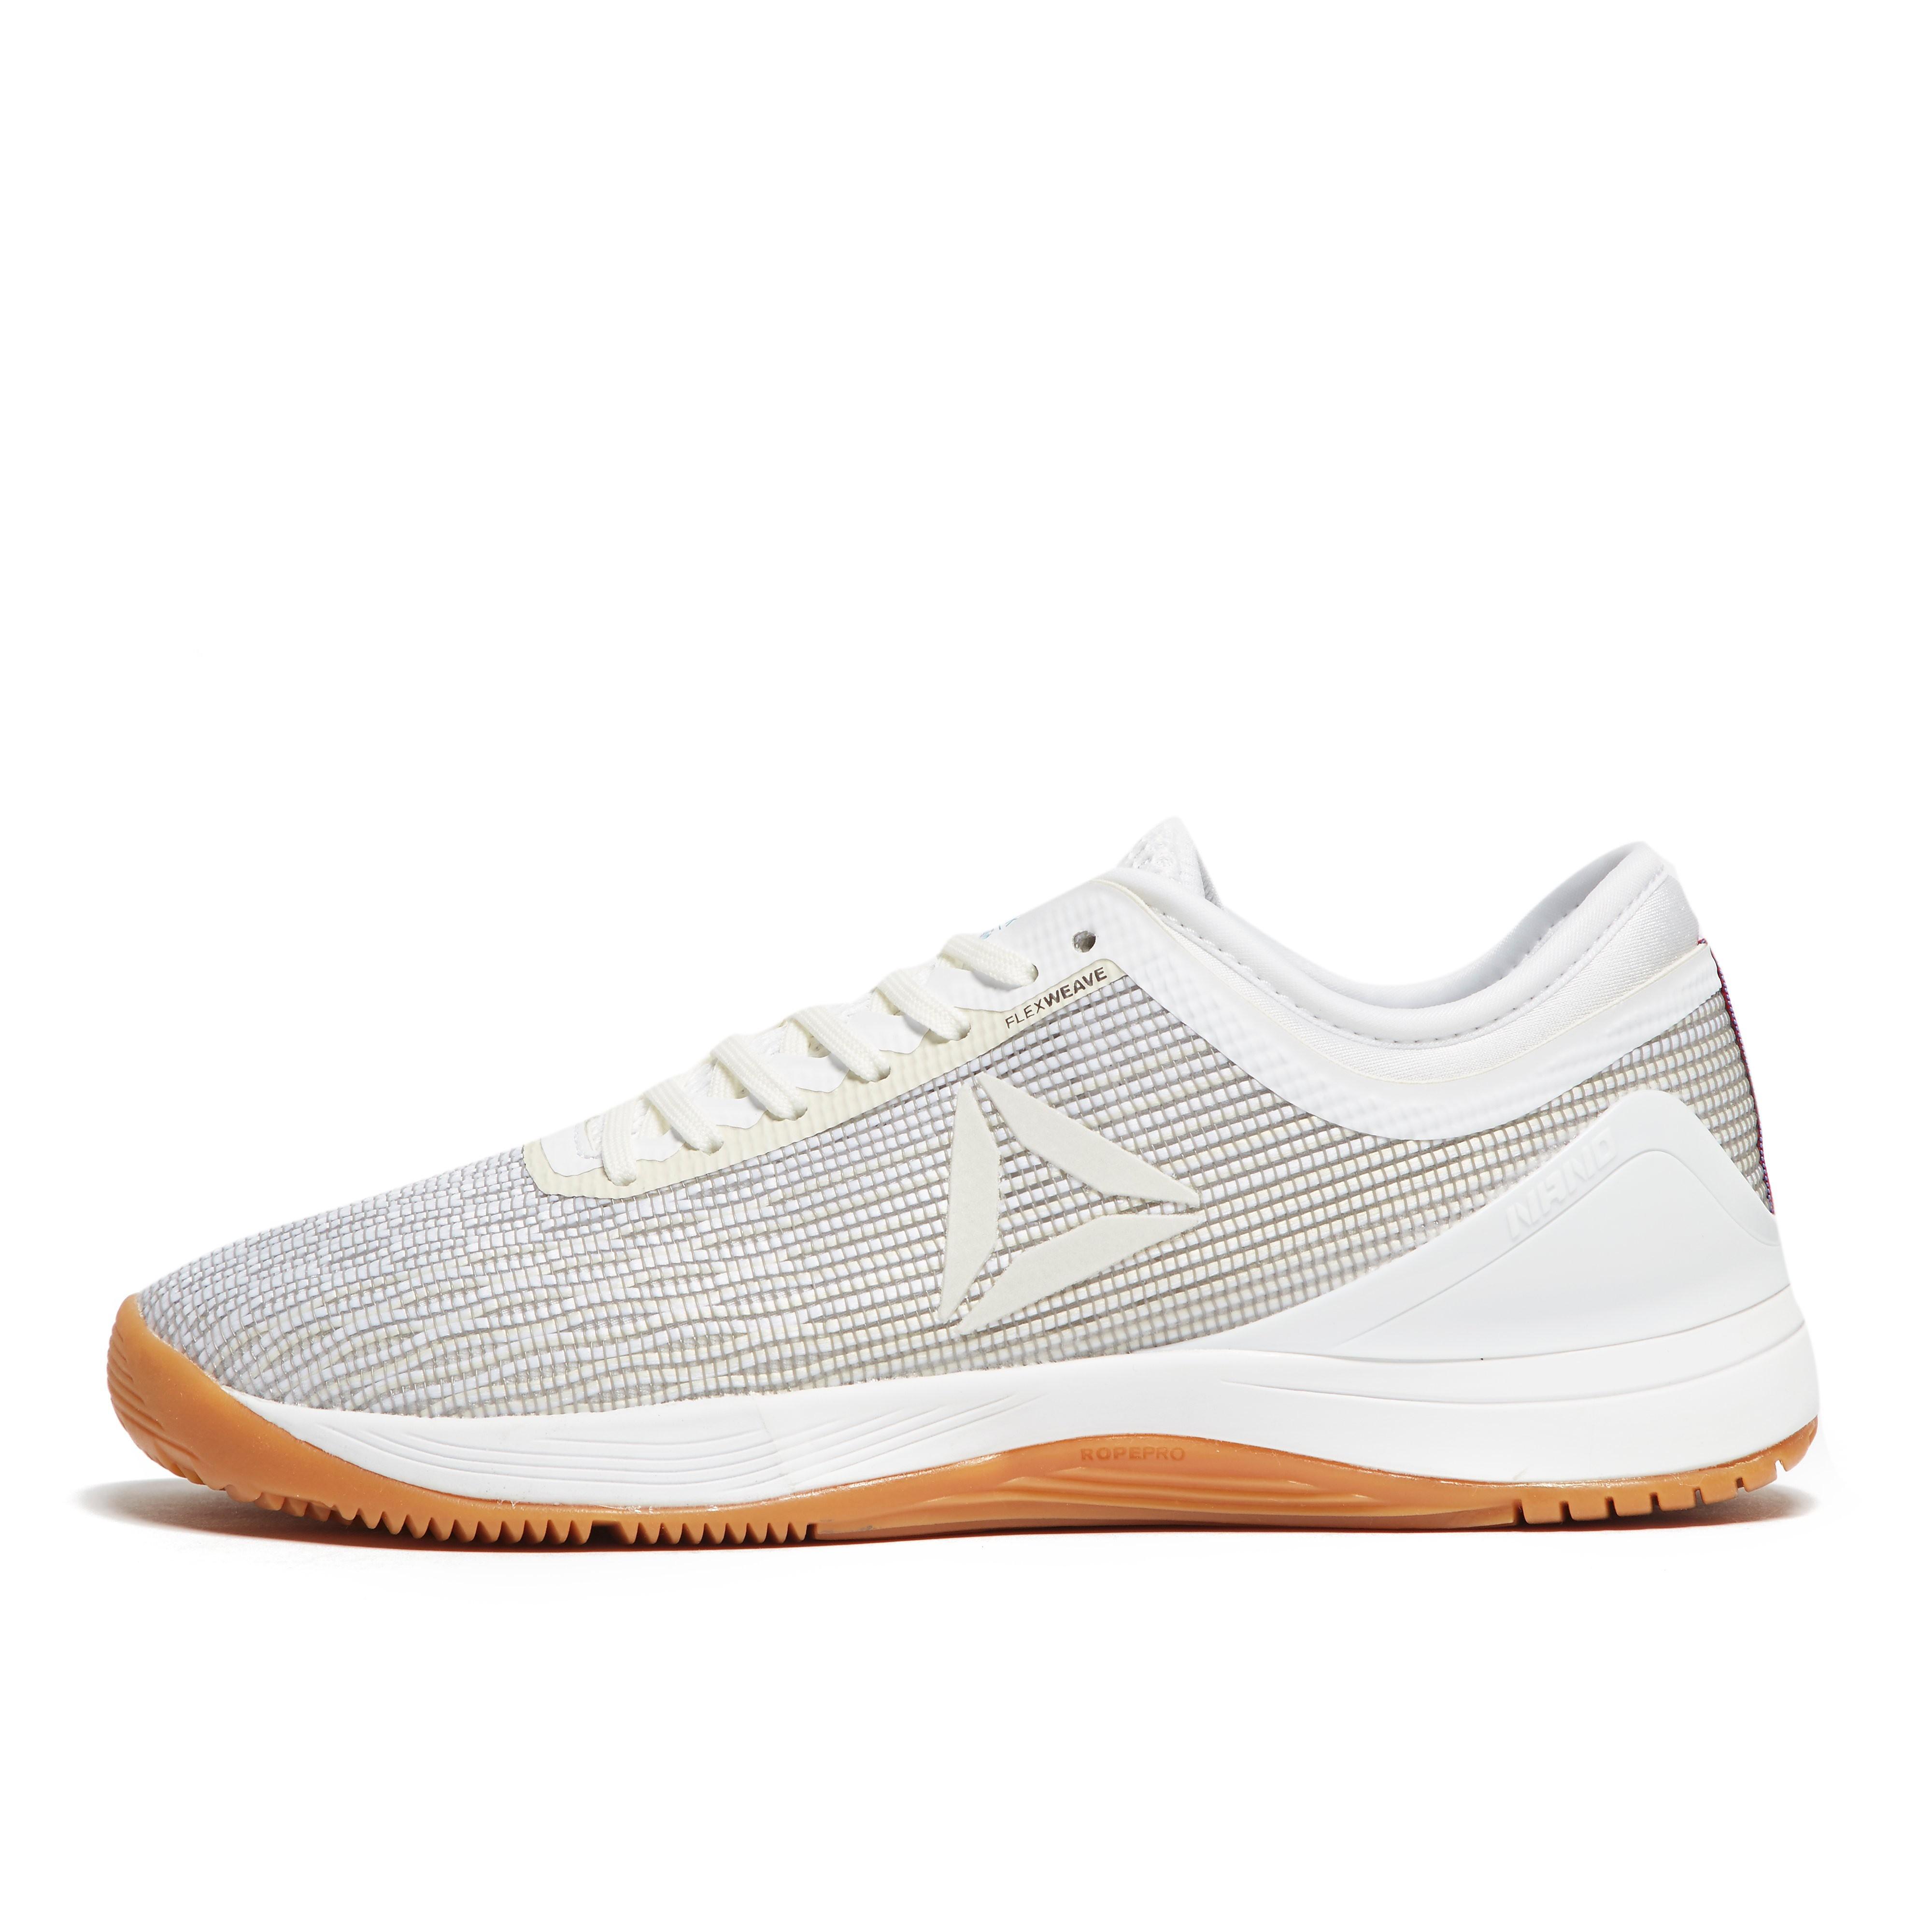 Womens White Reebok Crossfit Nano 8.0 Training Shoes